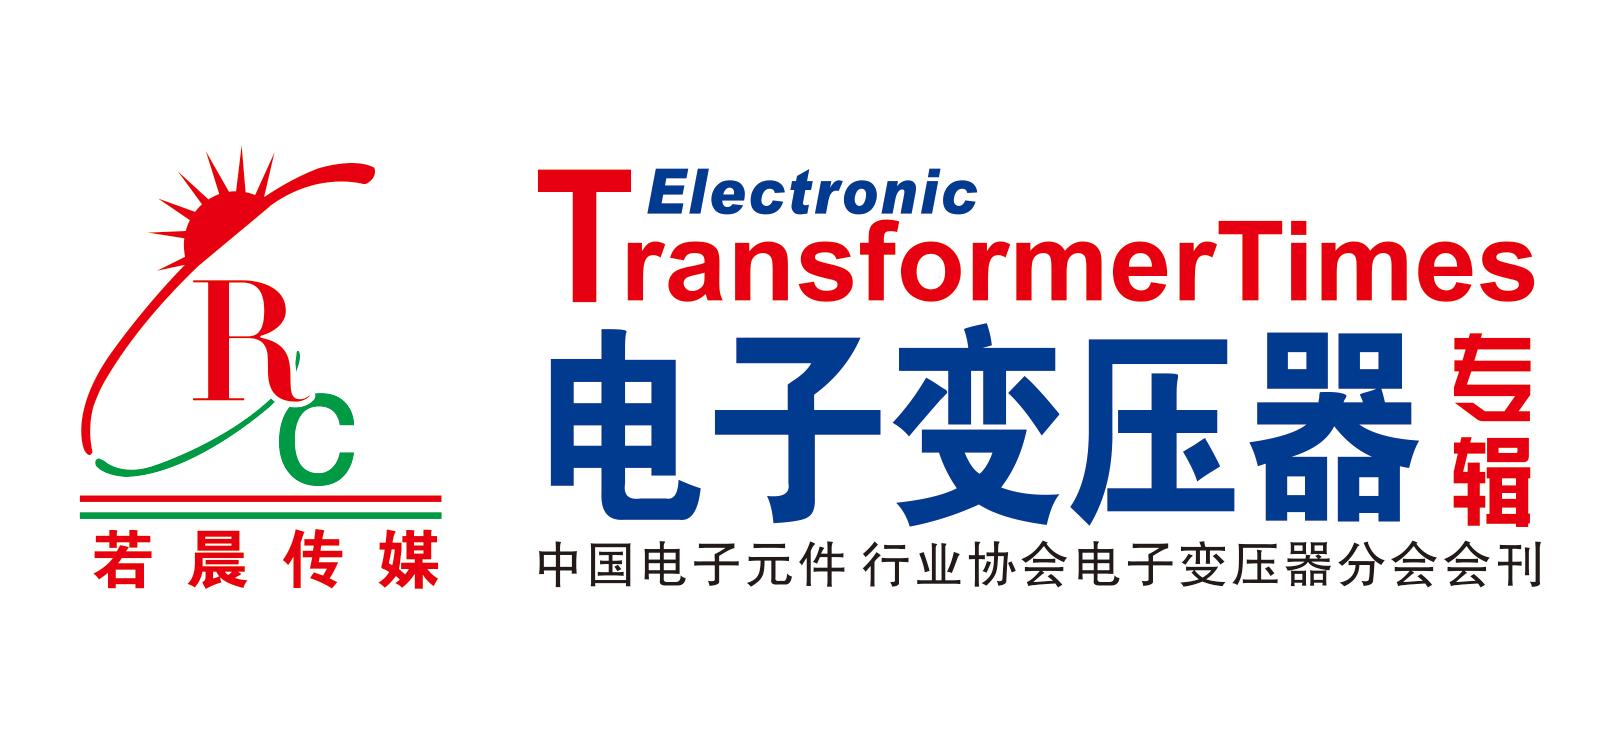 电子变压器资讯网